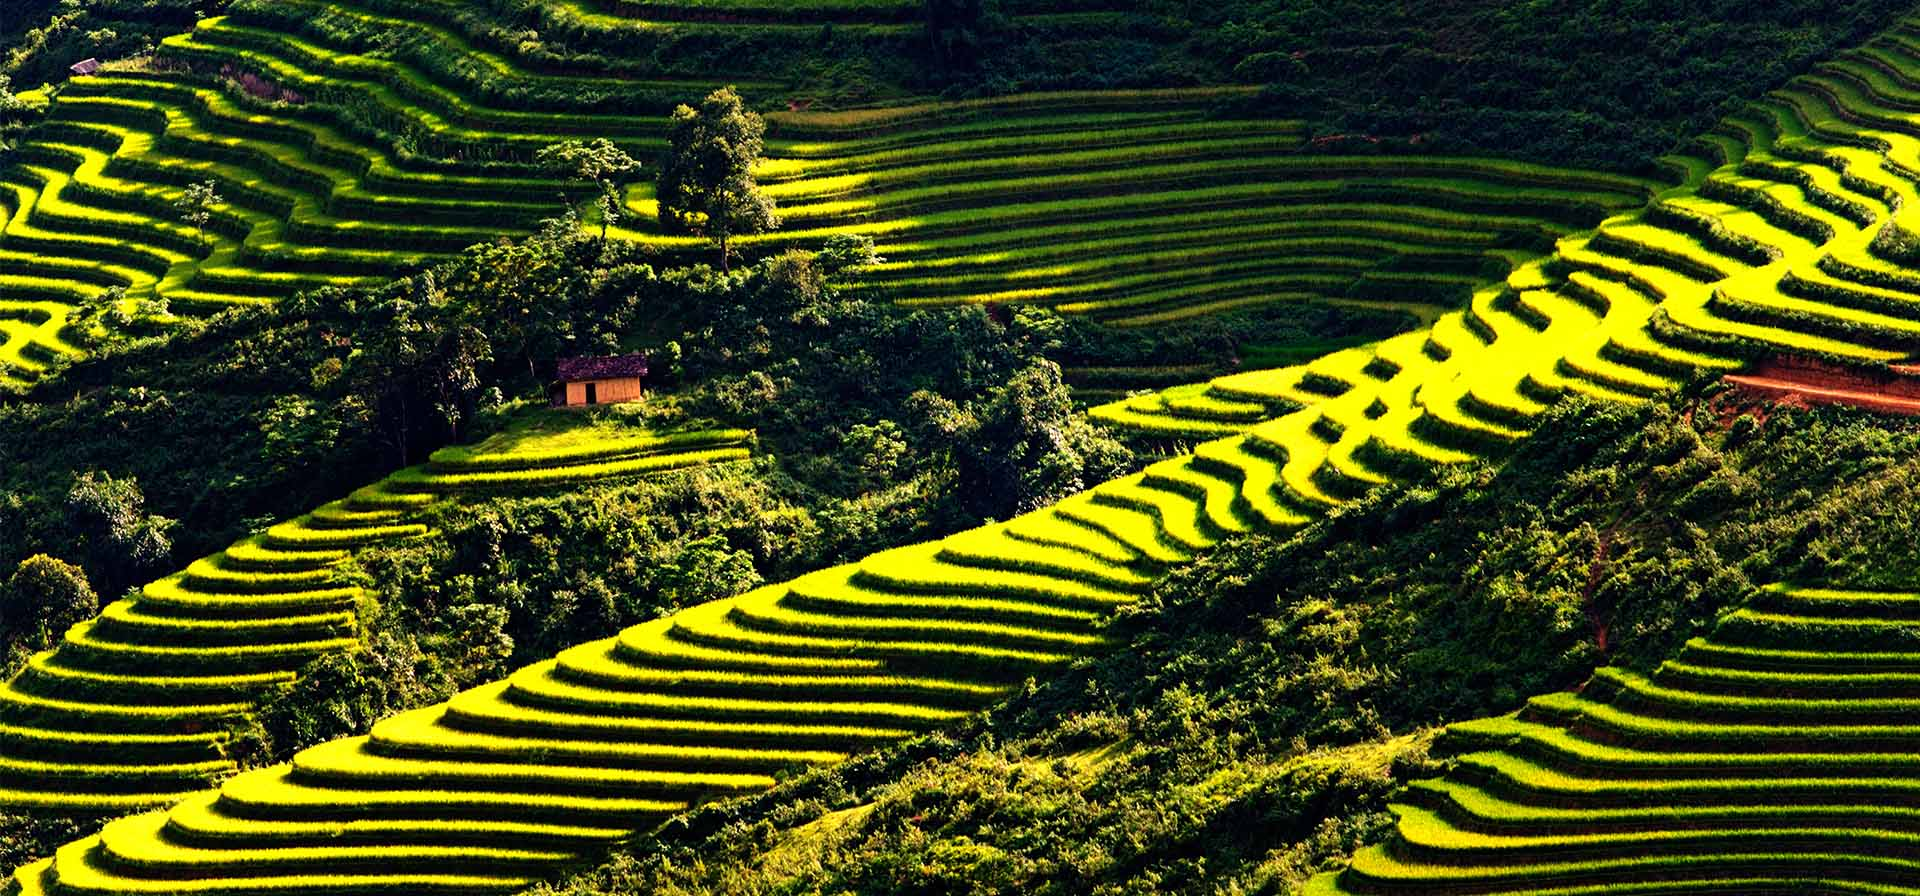 NORTHEAST LOOPS OF VIETNAM